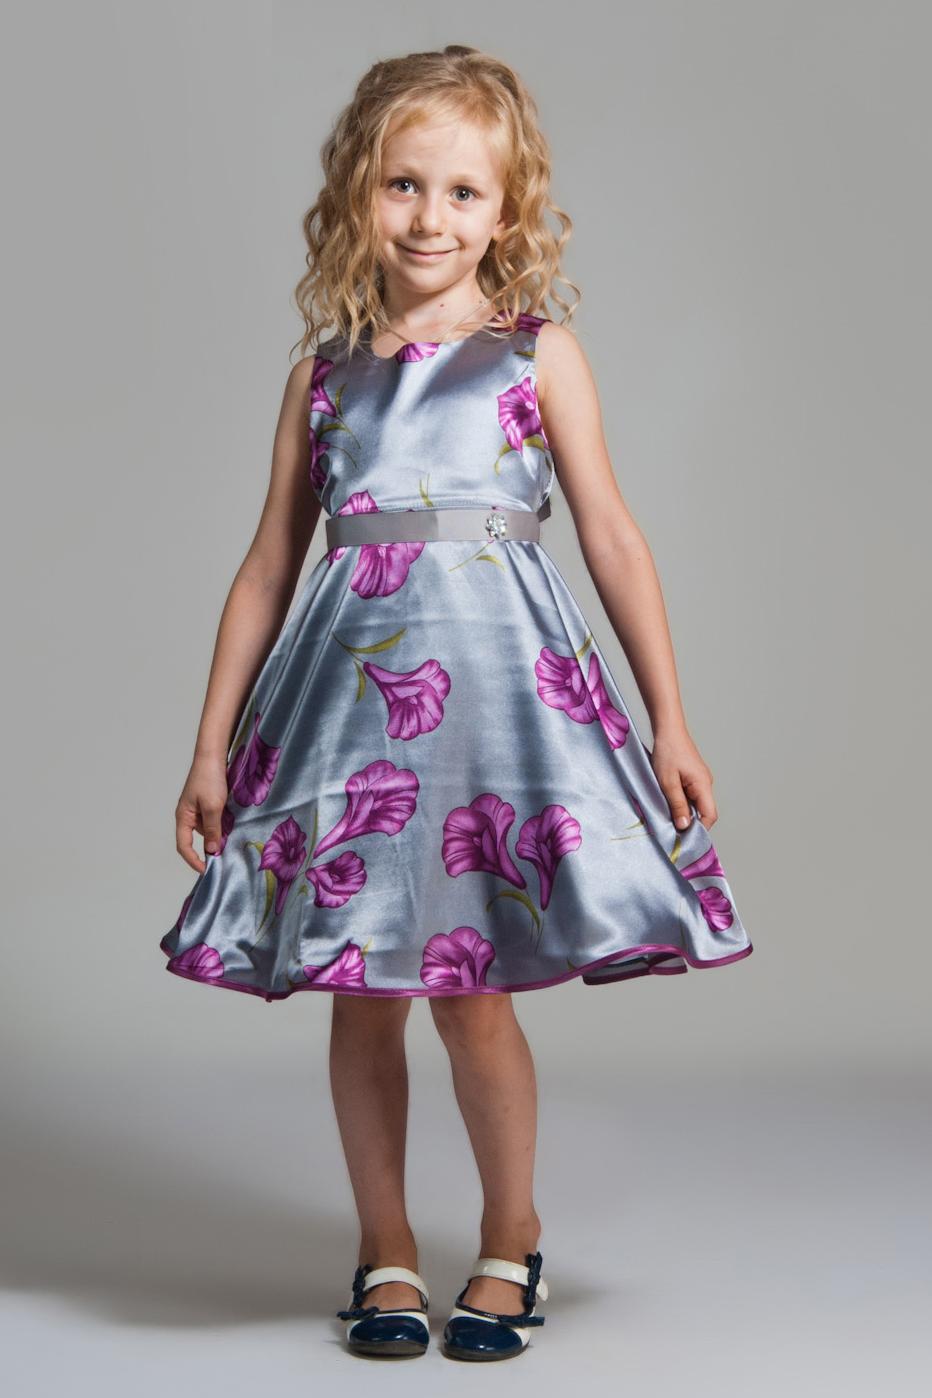 ПлатьеПлатья<br>Платье выполнено из стрейч-атласа, подклад из полиэстера, объем придает фатин, настроченный по низу подклады. Низ отстрочен контрастной атласной бейкой.  Платье без пояса.  В изделии использованы цвета: серебряный, сиреневый и др.  Размер 74 соответствует росту 70-73 см Размер 80 соответствует росту 74-80 см Размер 86 соответствует росту 81-86 см Размер 92 соответствует росту 87-92 см Размер 98 соответствует росту 93-98 см Размер 104 соответствует росту 98-104 см Размер 110 соответствует росту 105-110 см Размер 116 соответствует росту 111-116 см Размер 122 соответствует росту 117-122 см Размер 128 соответствует росту 123-128 см Размер 134 соответствует росту 129-134 см Размер 140 соответствует росту 135-140 см Размер 146 соответствует росту 141-146 см Размер 152 соответствует росту 147-152 см Размер 158 соответствует росту 153-158 см Размер 164 соответствует росту 159-164 см Размер 170 соответствует росту 165-170 см<br><br>Бретели: Широкие бретели<br>Горловина: С- горловина<br>Возраст: Ясельные ( от 1 до 3 лет),Дошкольные ( от 3 до 7 лет)<br>Длина: Миди<br>Материал: Атласные<br>Образ: Выпускной,Торжество<br>Рисунок: Растительные мотивы,С принтом (печатью),Цветные,Цветочные<br>Сезон: Весна,Всесезон,Зима,Лето,Осень<br>Силуэт: Приталенные<br>Стиль: На выпускной,Нарядные<br>Форма: Трапеция<br>Элементы: Без рукавов<br>Размер : 104,116<br>Материал: Атлас<br>Количество в наличии: 2